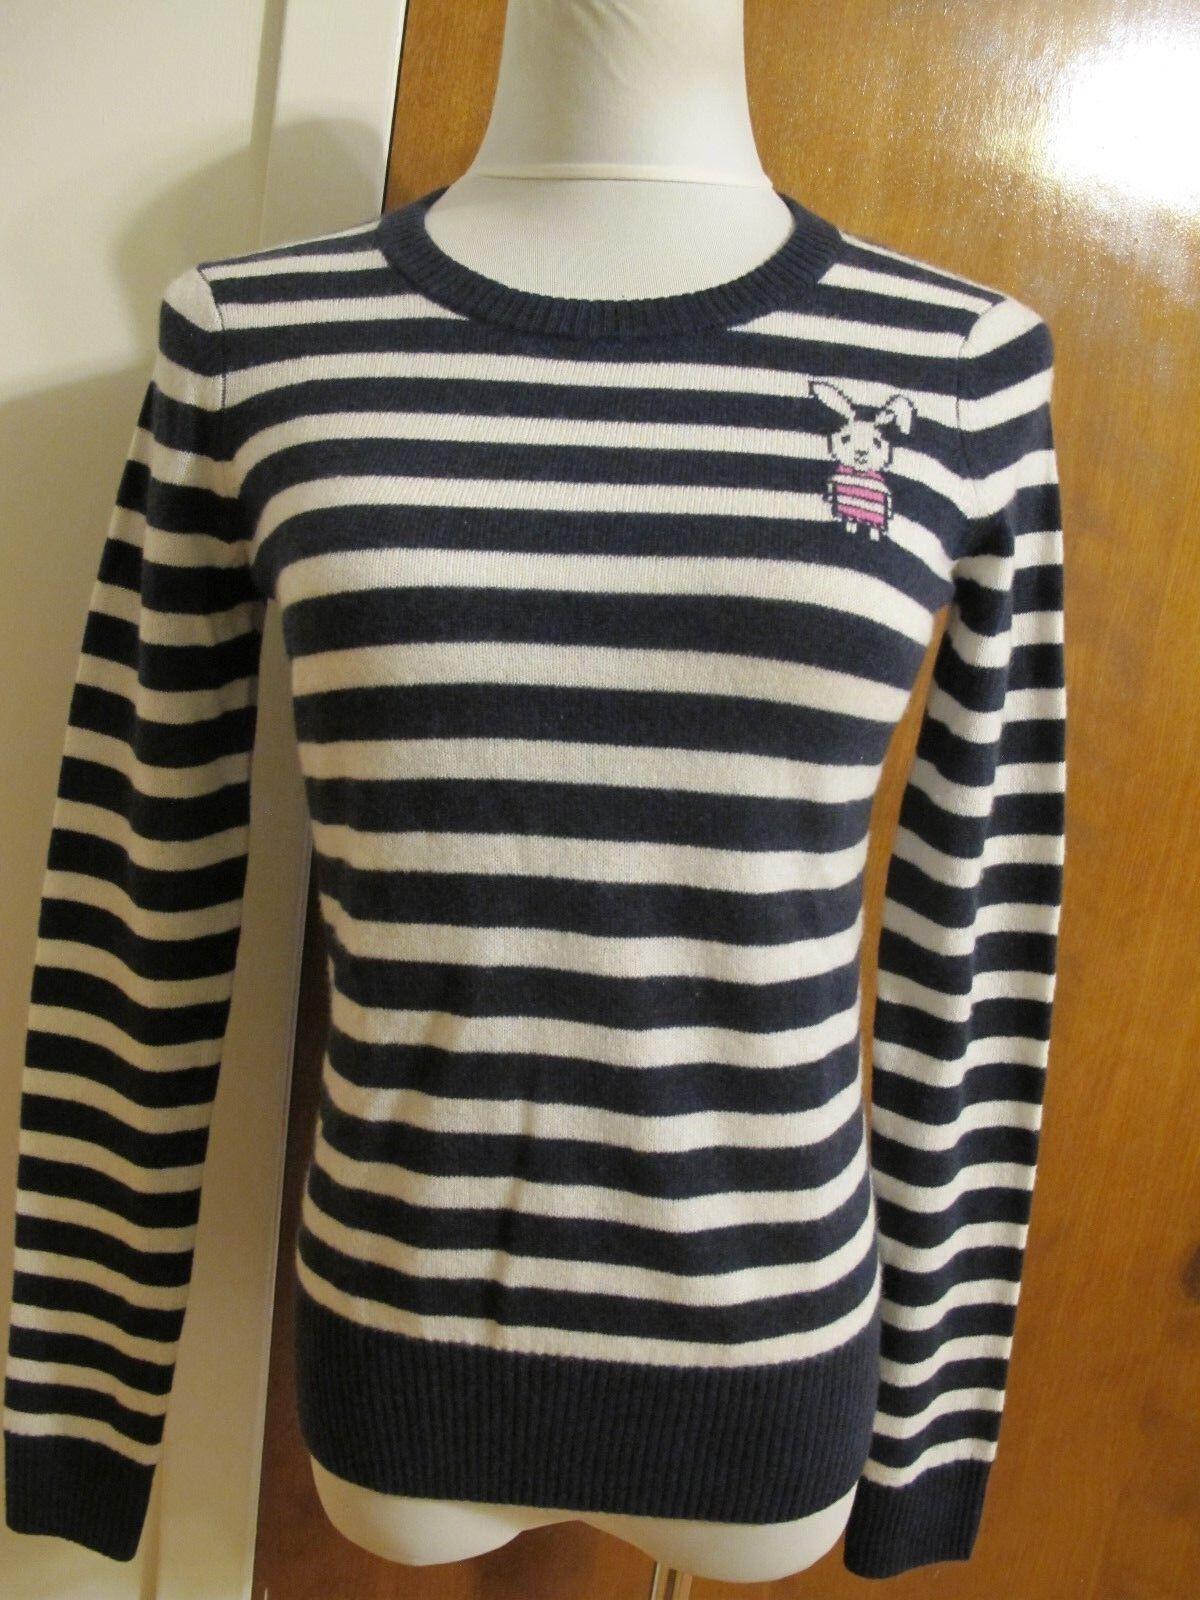 Aqua Women's Multicolor Cashmere Soft Sweater Size Xsmall NWT